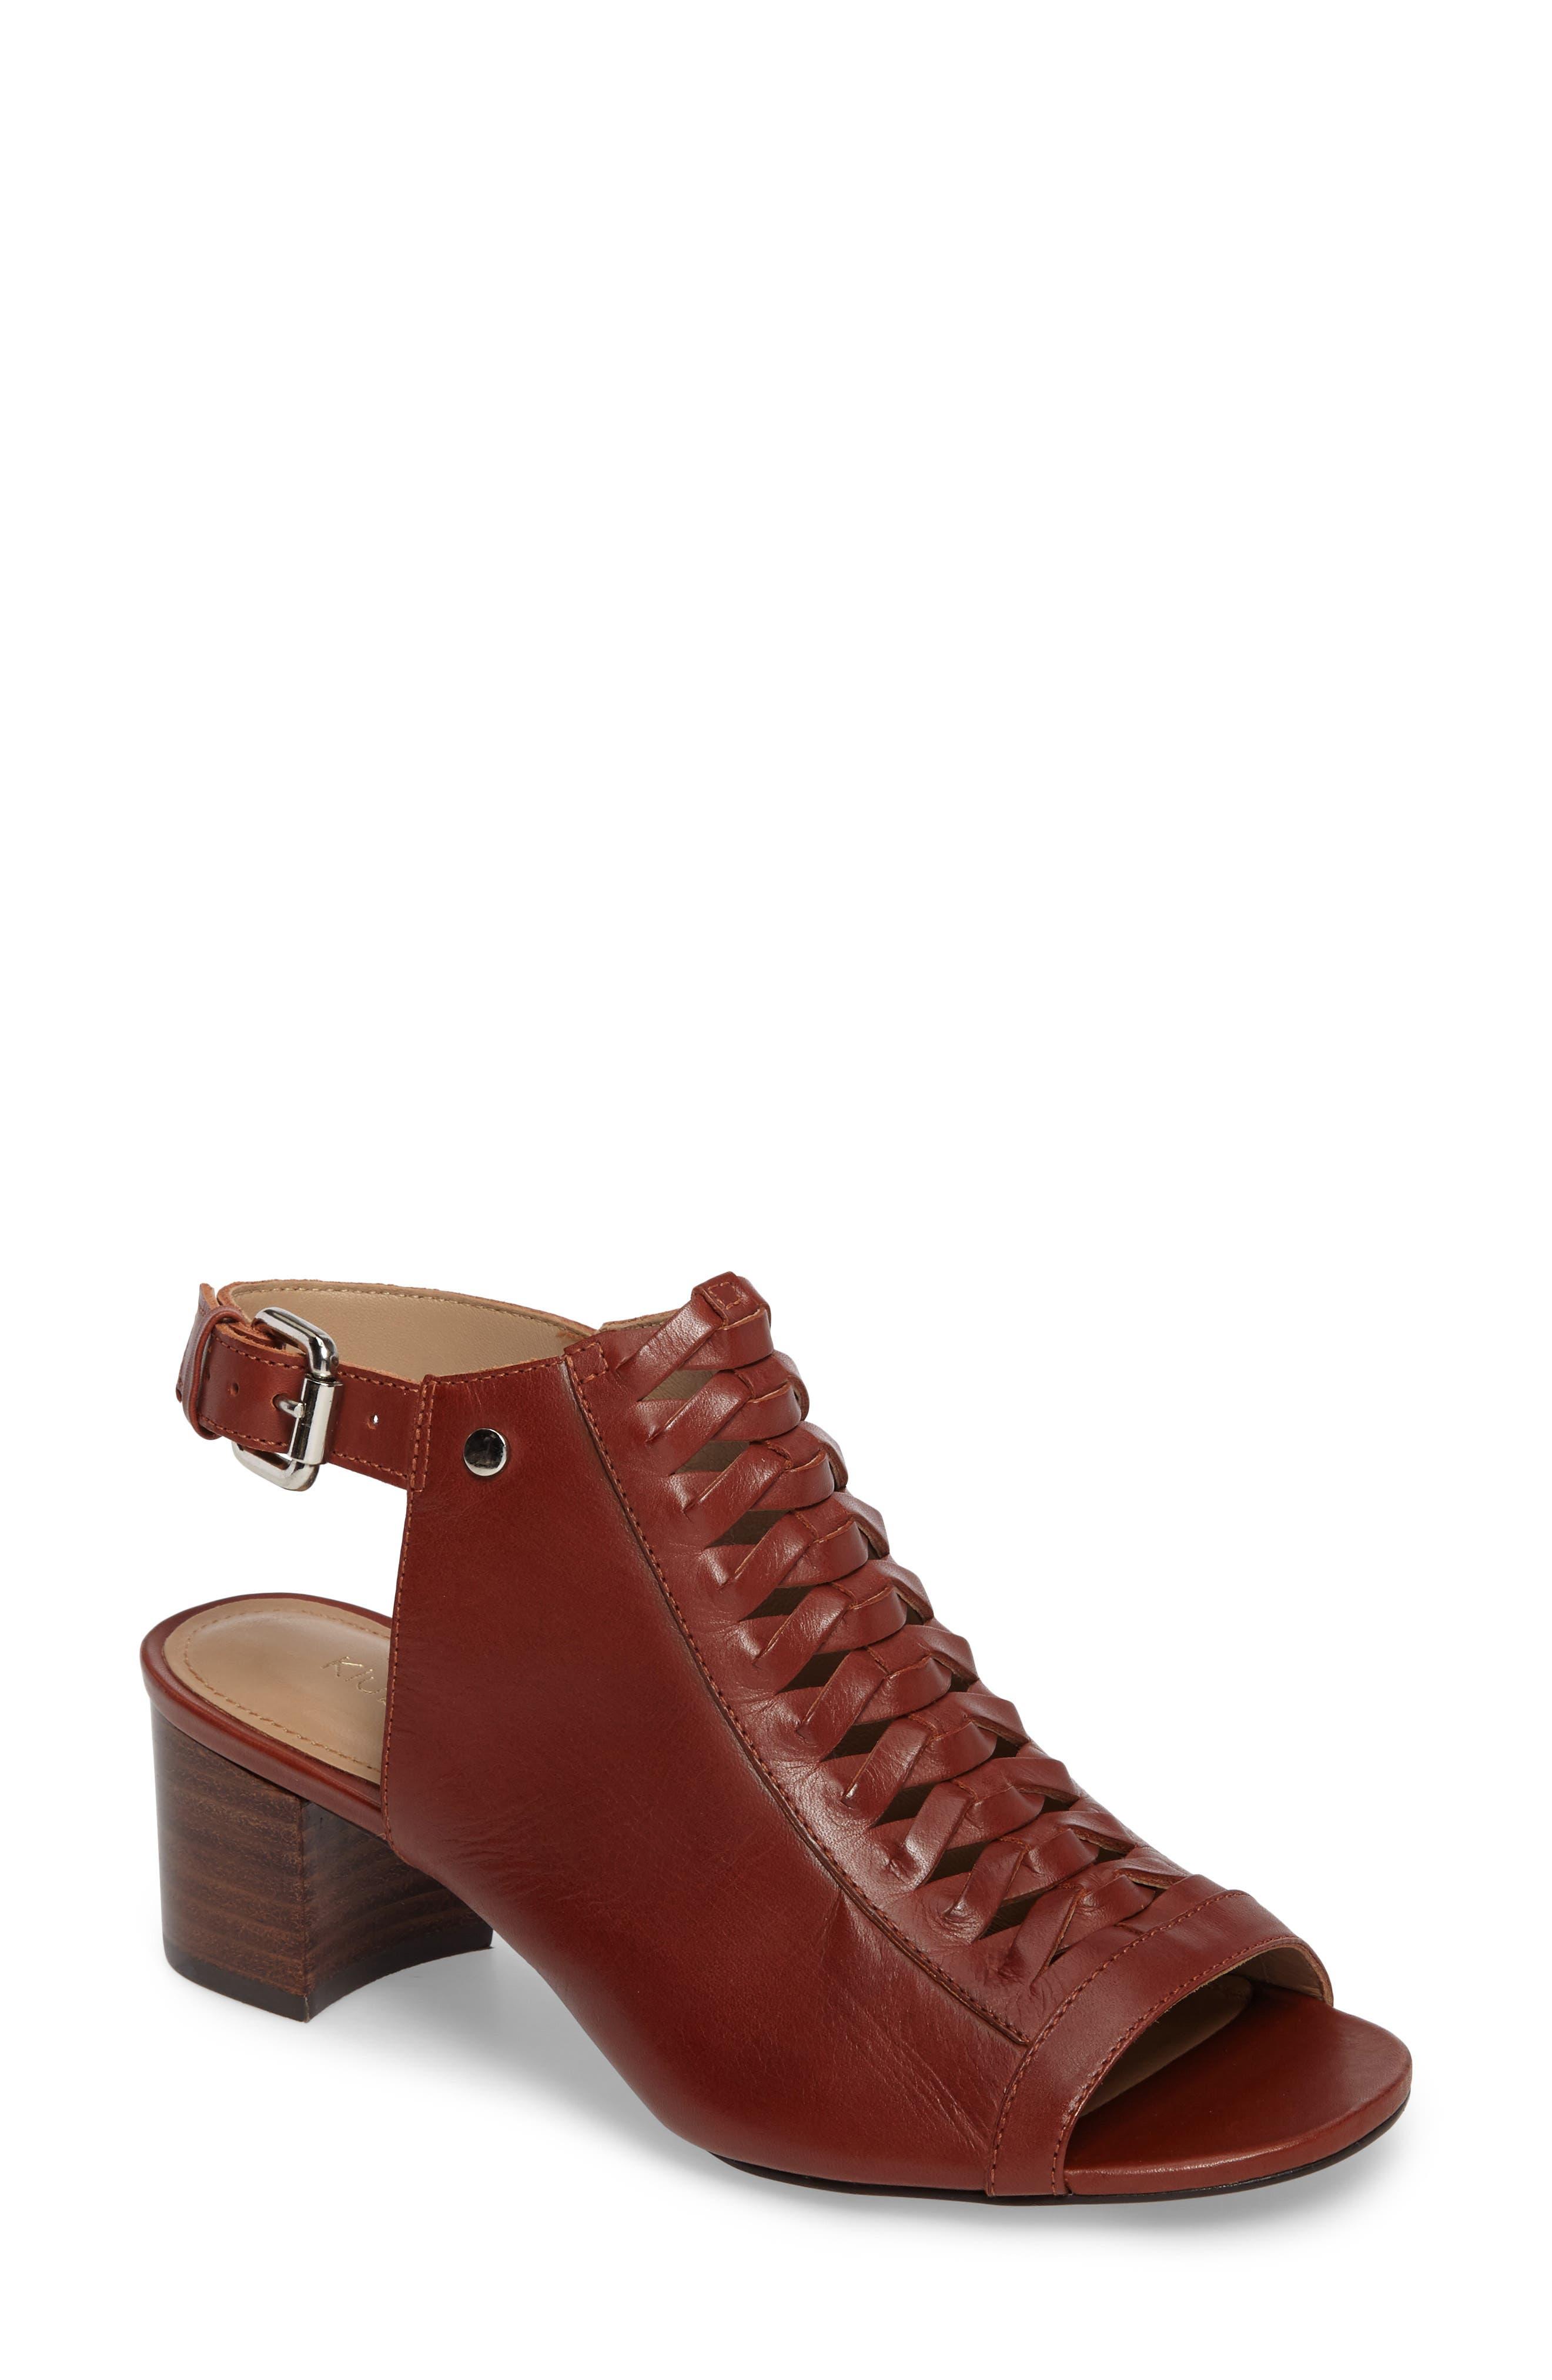 Dallas Woven Sandal,                             Main thumbnail 1, color,                             Cognac Leather